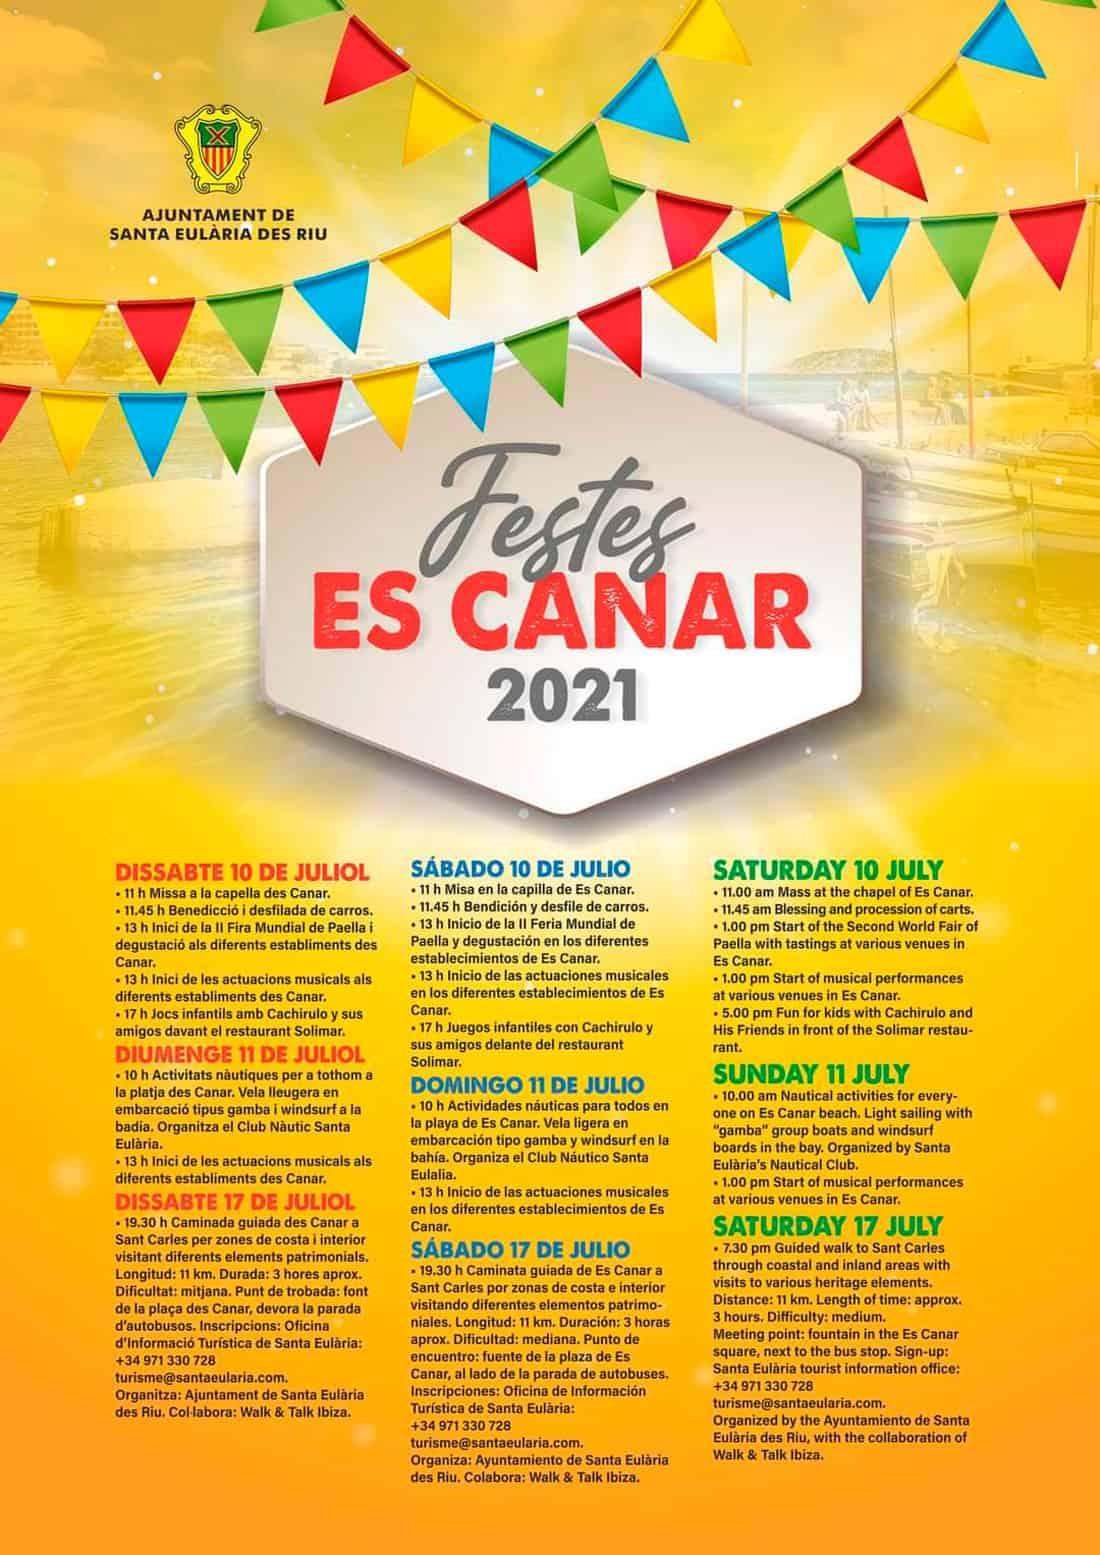 Fiestas-de-es-canar-ibiza-2021-welcometoibiza